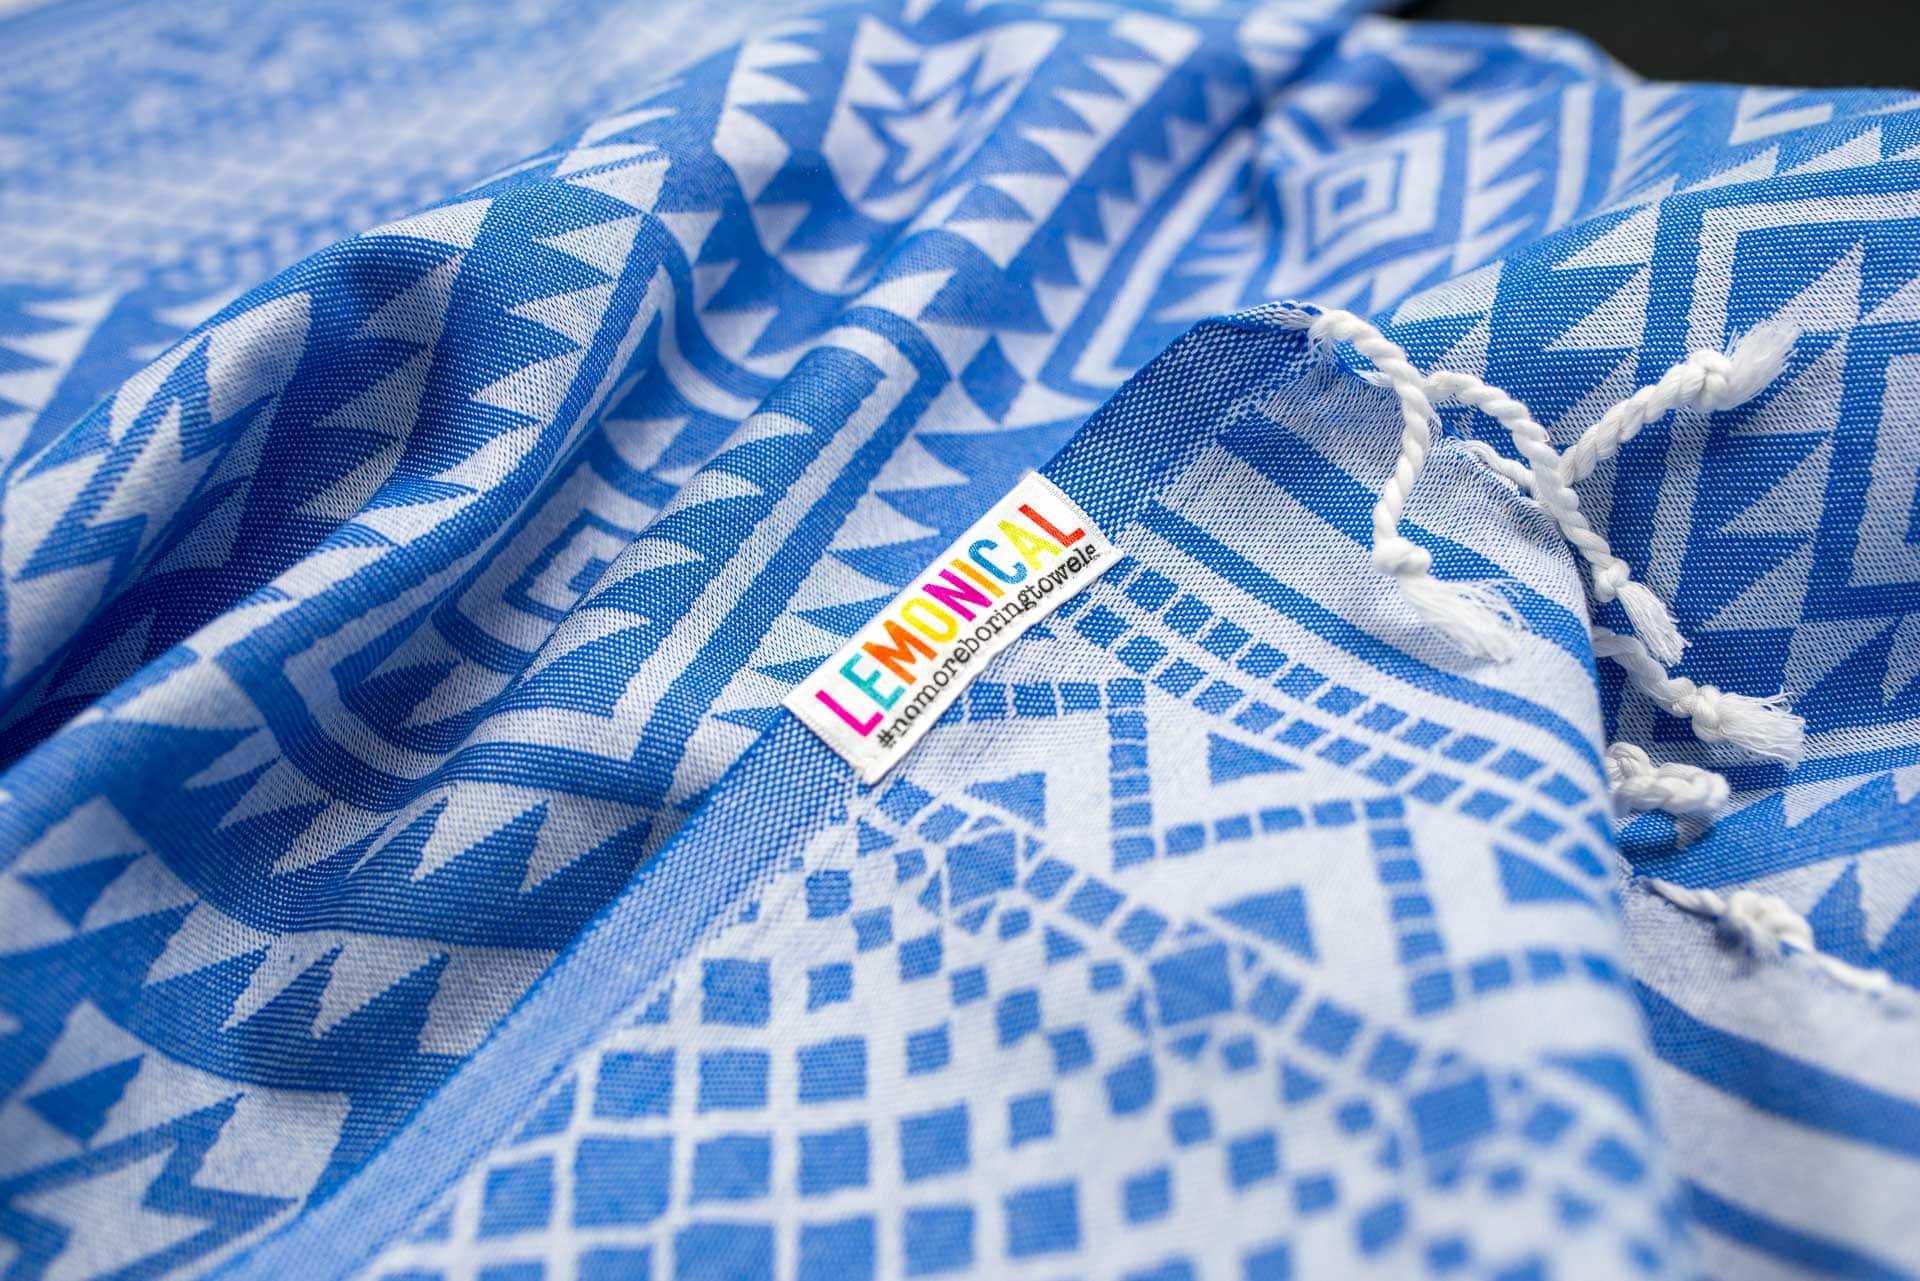 BLUE-ORIENT-Towel-Lemonical-3